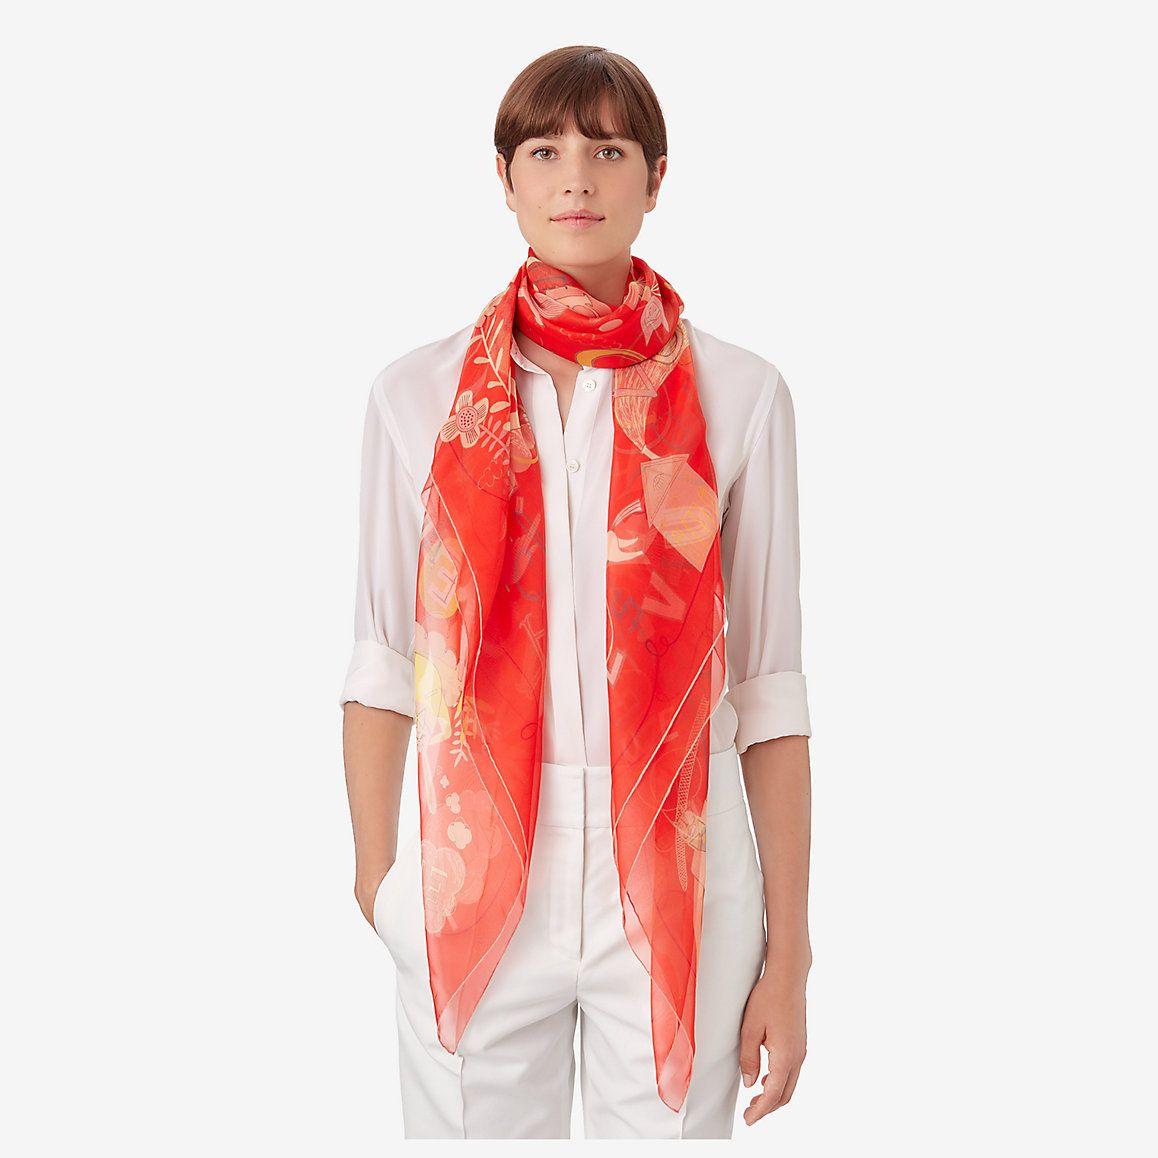 c79cdb16d9 Les Confessions shawl 140 - worn Chiffon Scarf